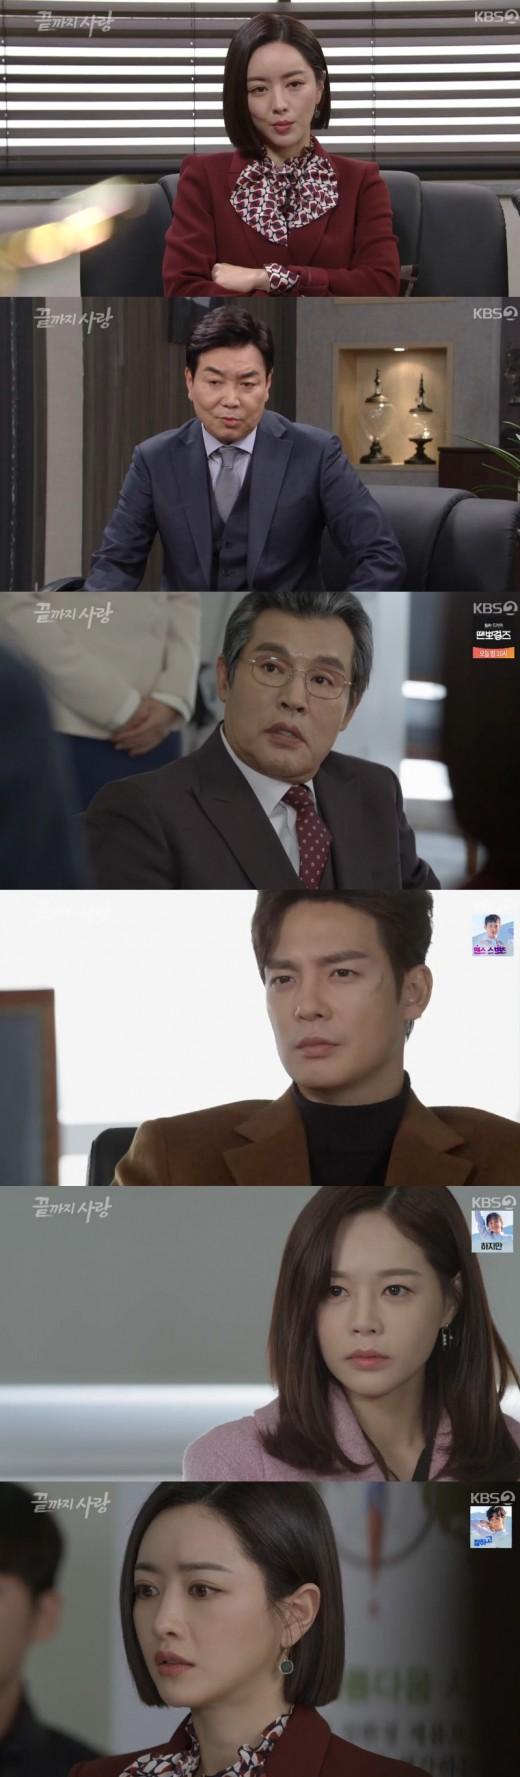 '끝까지 사랑' 홍수아, 강은탁 덫에 걸렸다...또 체포